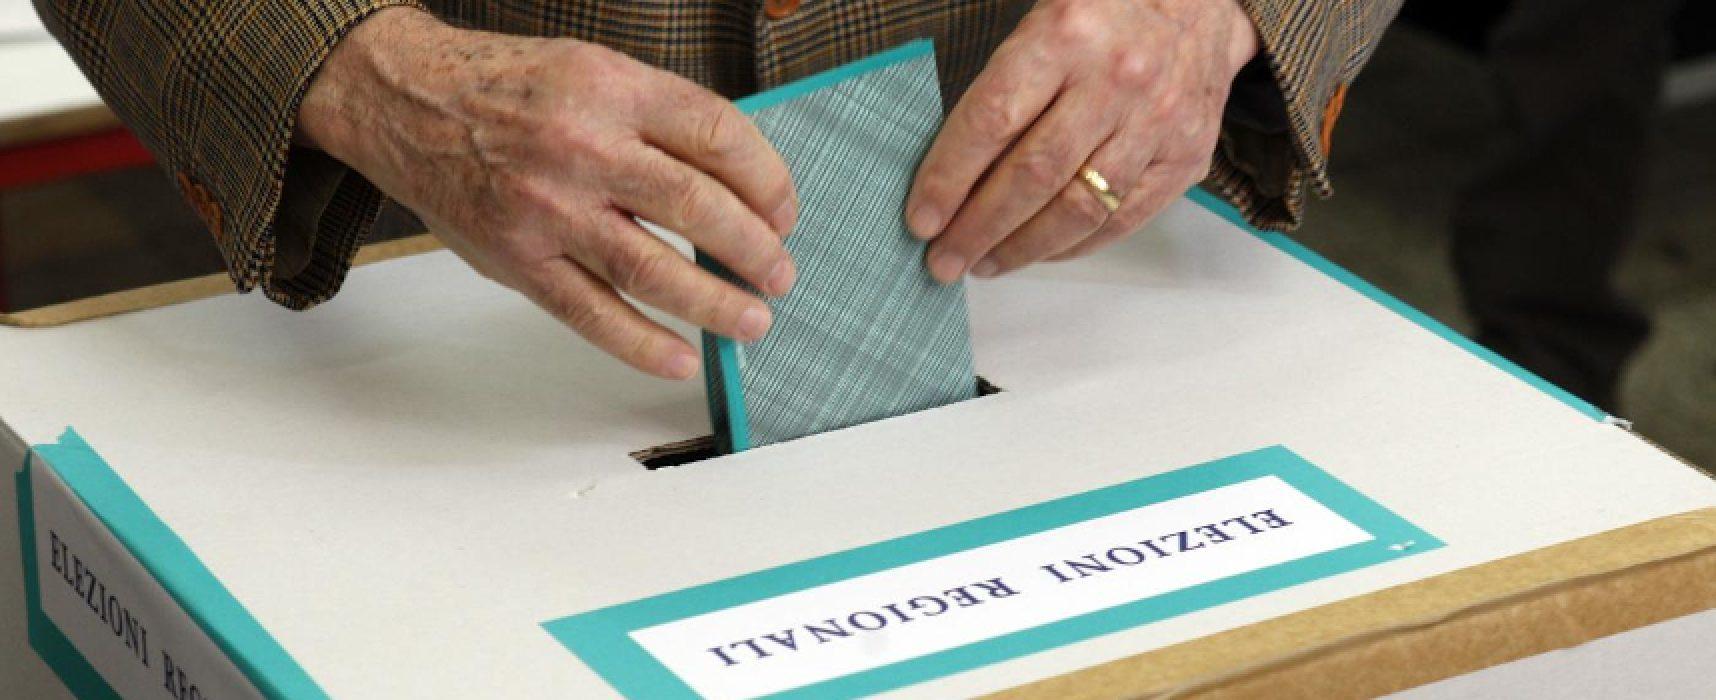 Elezioni, Comune istituisce nuova sezione elettorale / COSA CAMBIA